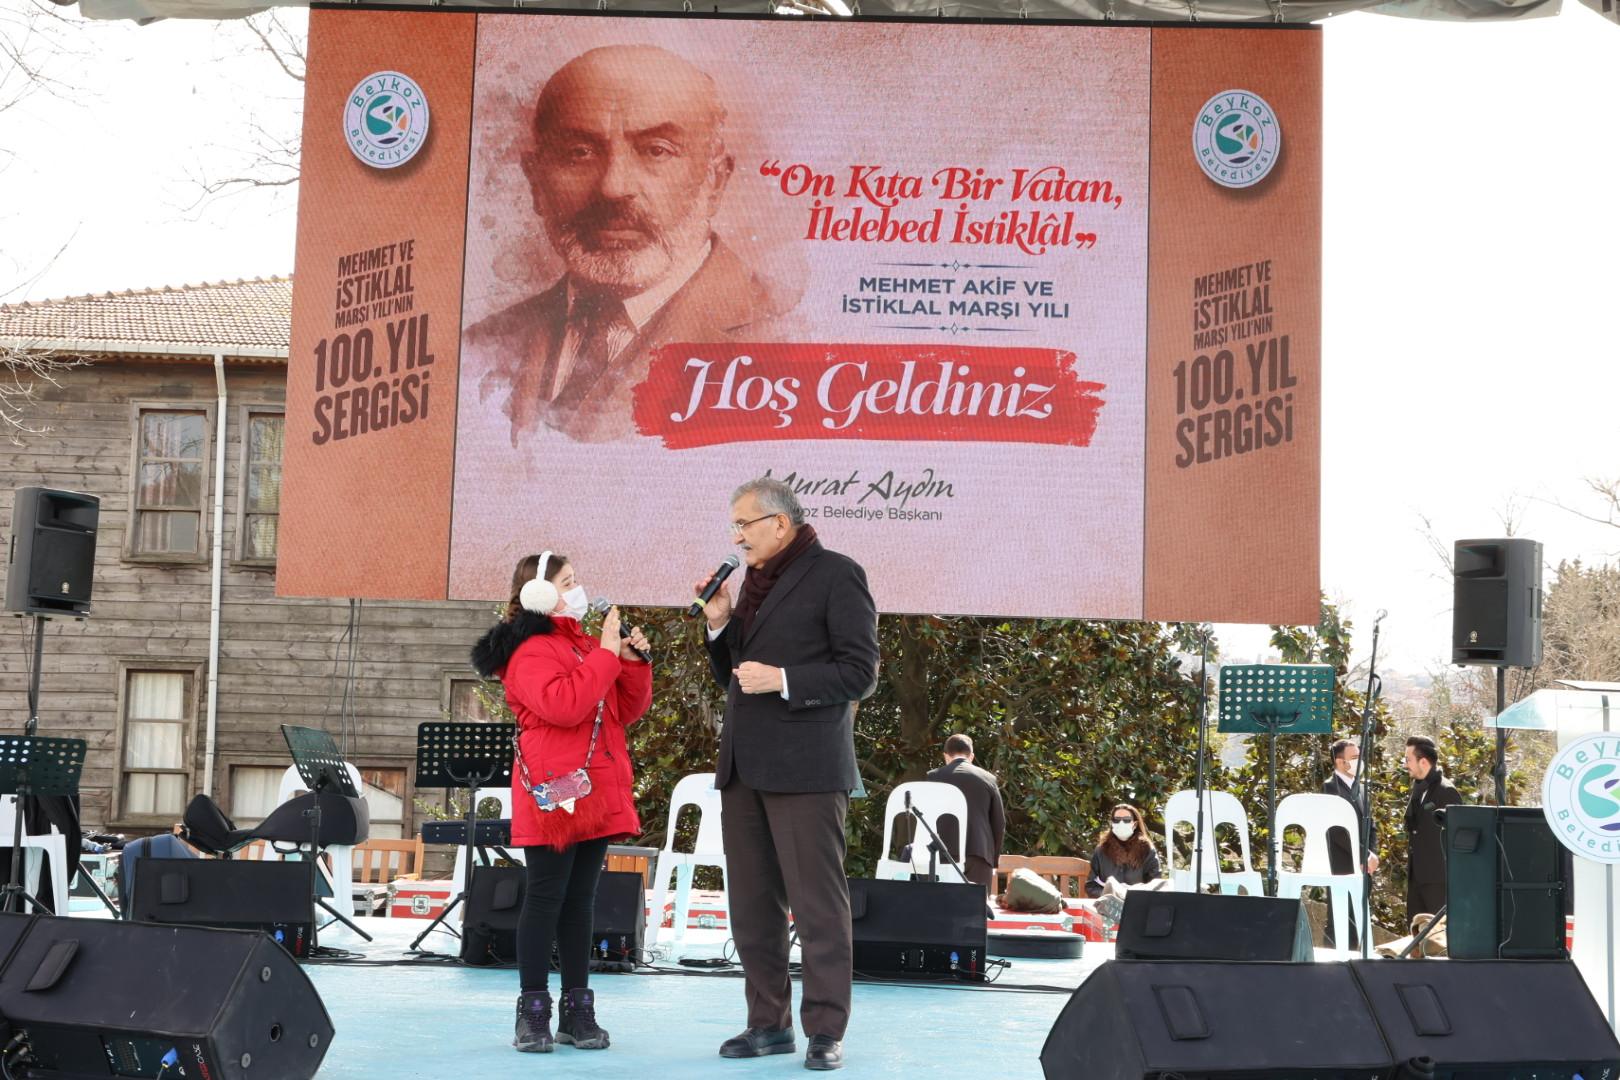 İstiklal Marşı'nın Kabulünün 100. Yılı Akif'in Şiirleriyle Kutlandı